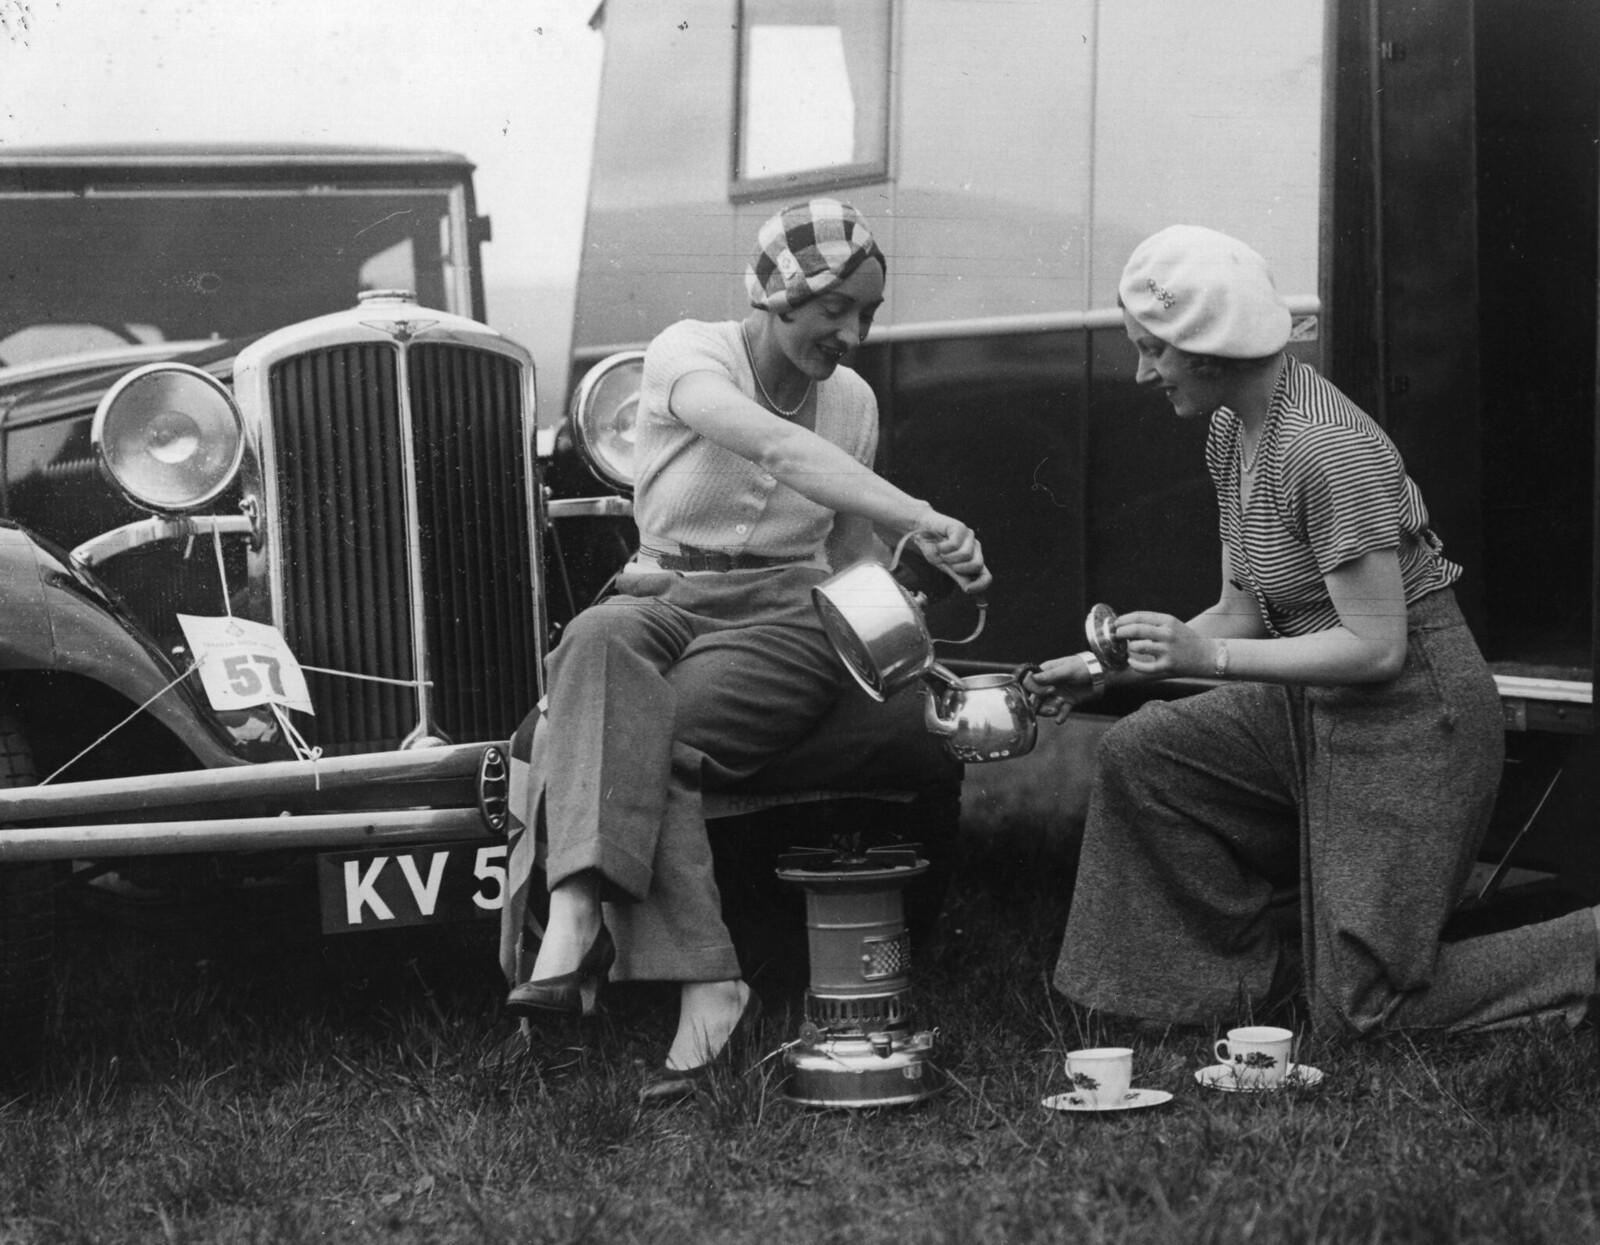 1931. Две женщины заваривают чай рядом с караваном и машиной